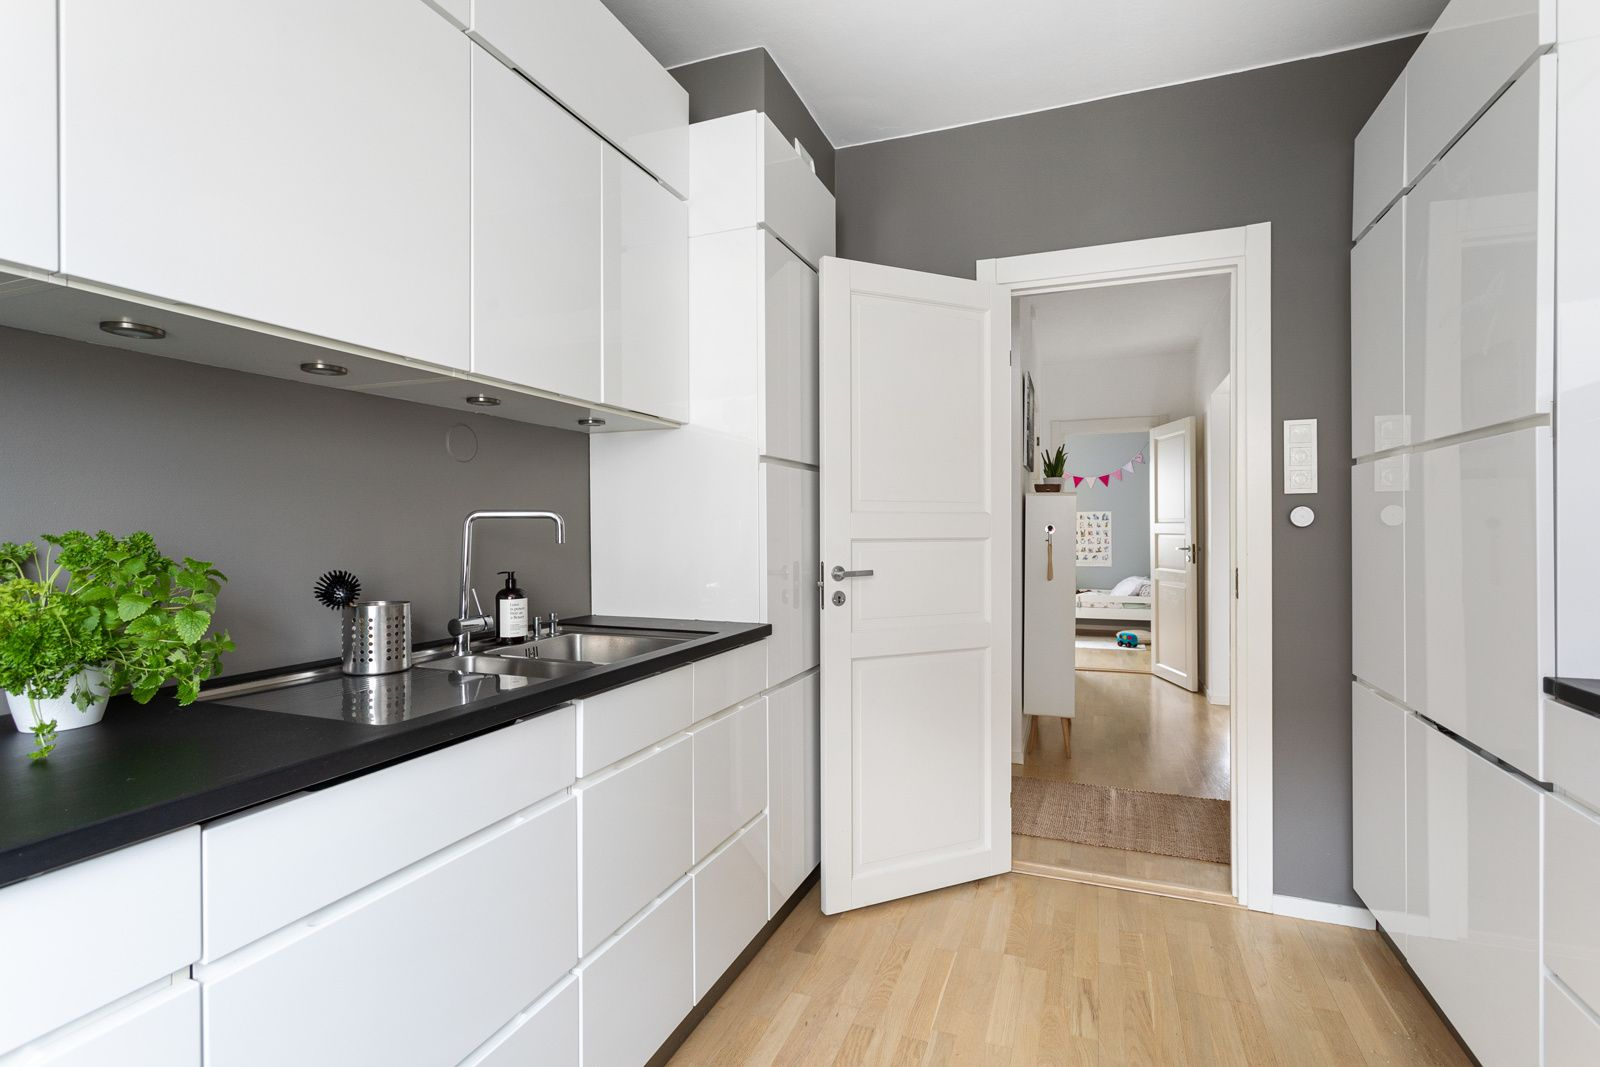 Ålesundgata 3 B Kjøkkenet er fullt utstyrt med hvitevarer som stekeovn, mikrobølgeovn, induksjonstopp (ny i 2019), oppvaskmaskin (ny i 2020) og kjøleskap med frysedel. Alle hvitevarene er integrerte og medfølger i handelen.